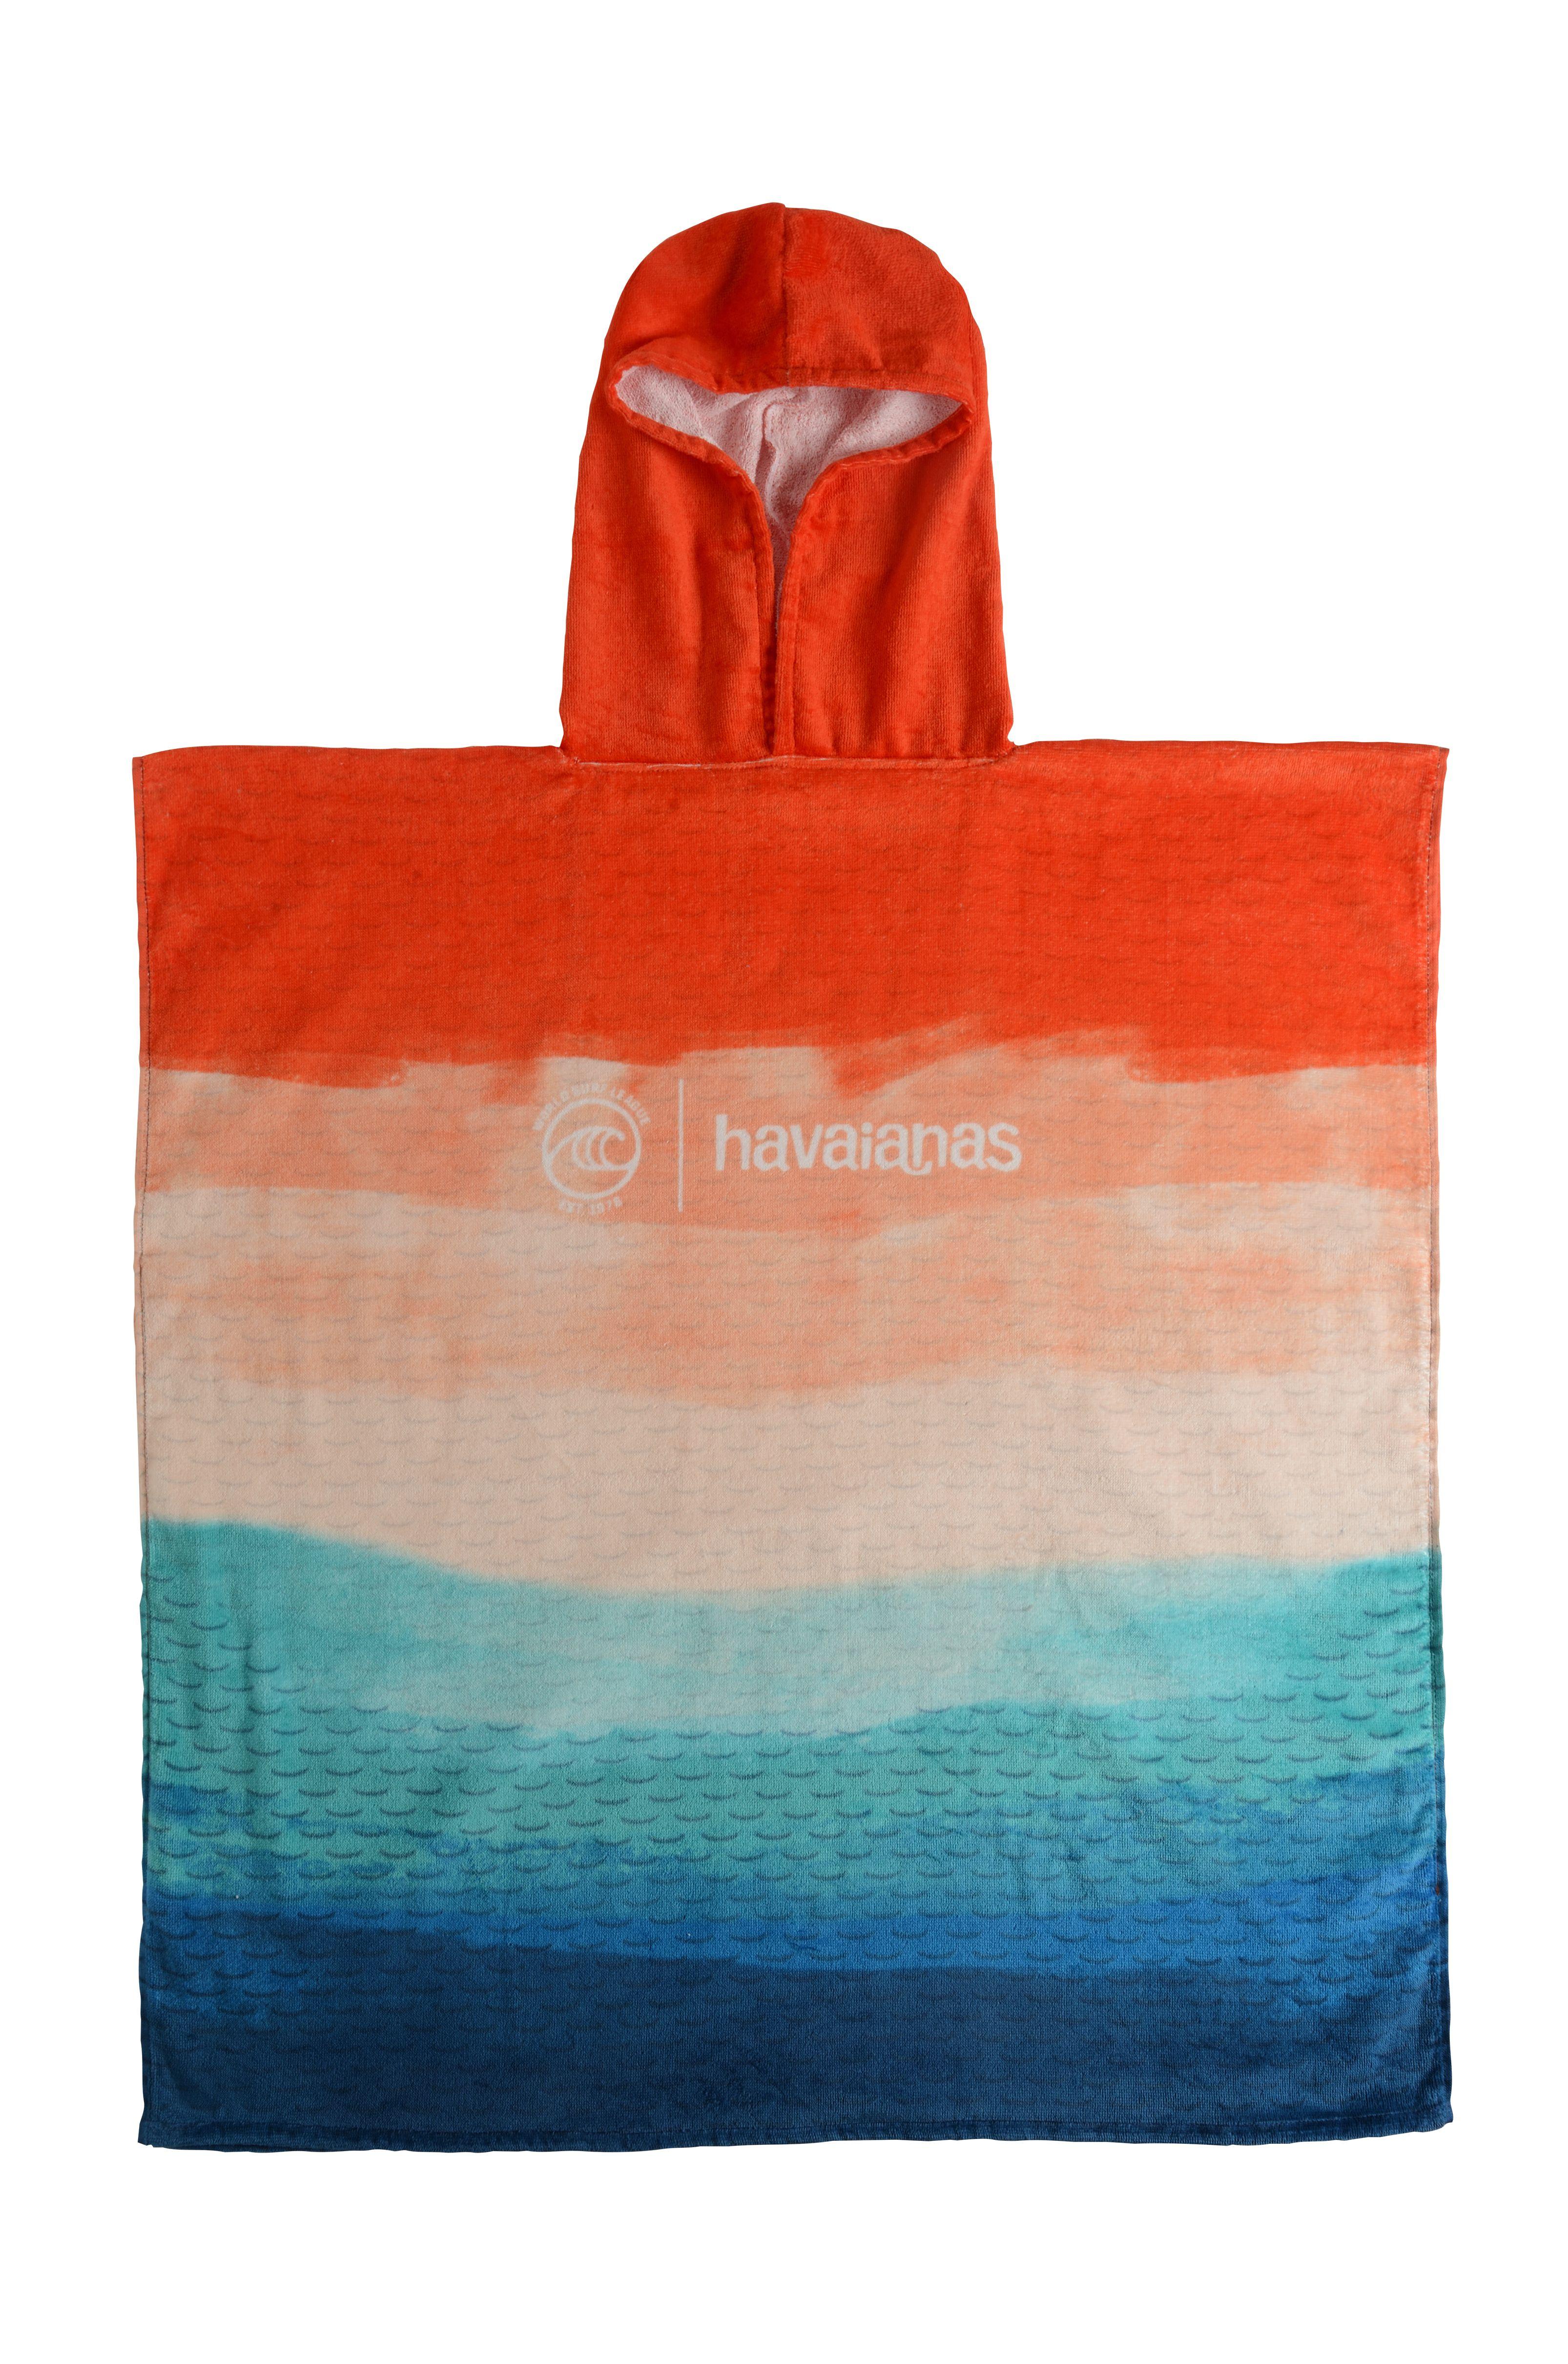 Poncho Havaianas WSL PONCHO TOWEL Multicolor